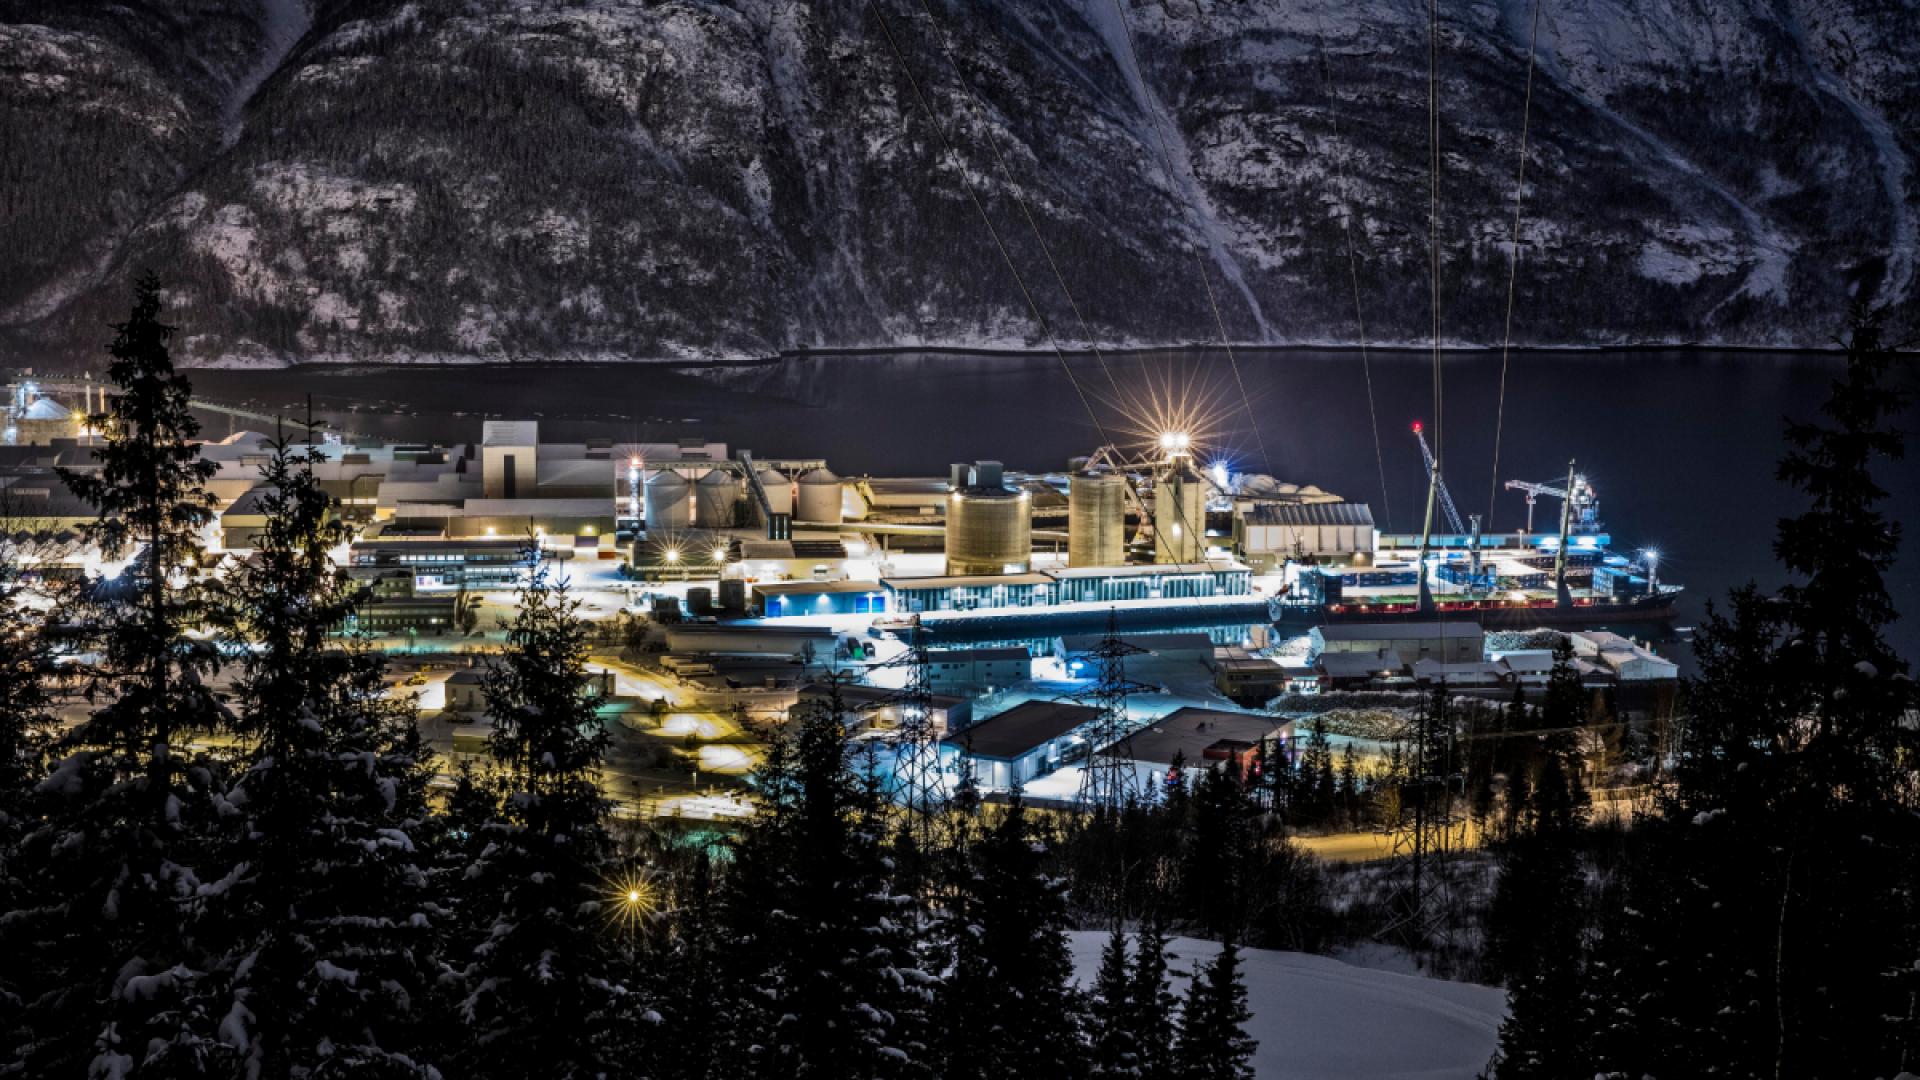 Alcoa aluminiumsverk i Mosjøen by night, Vefsn kommune